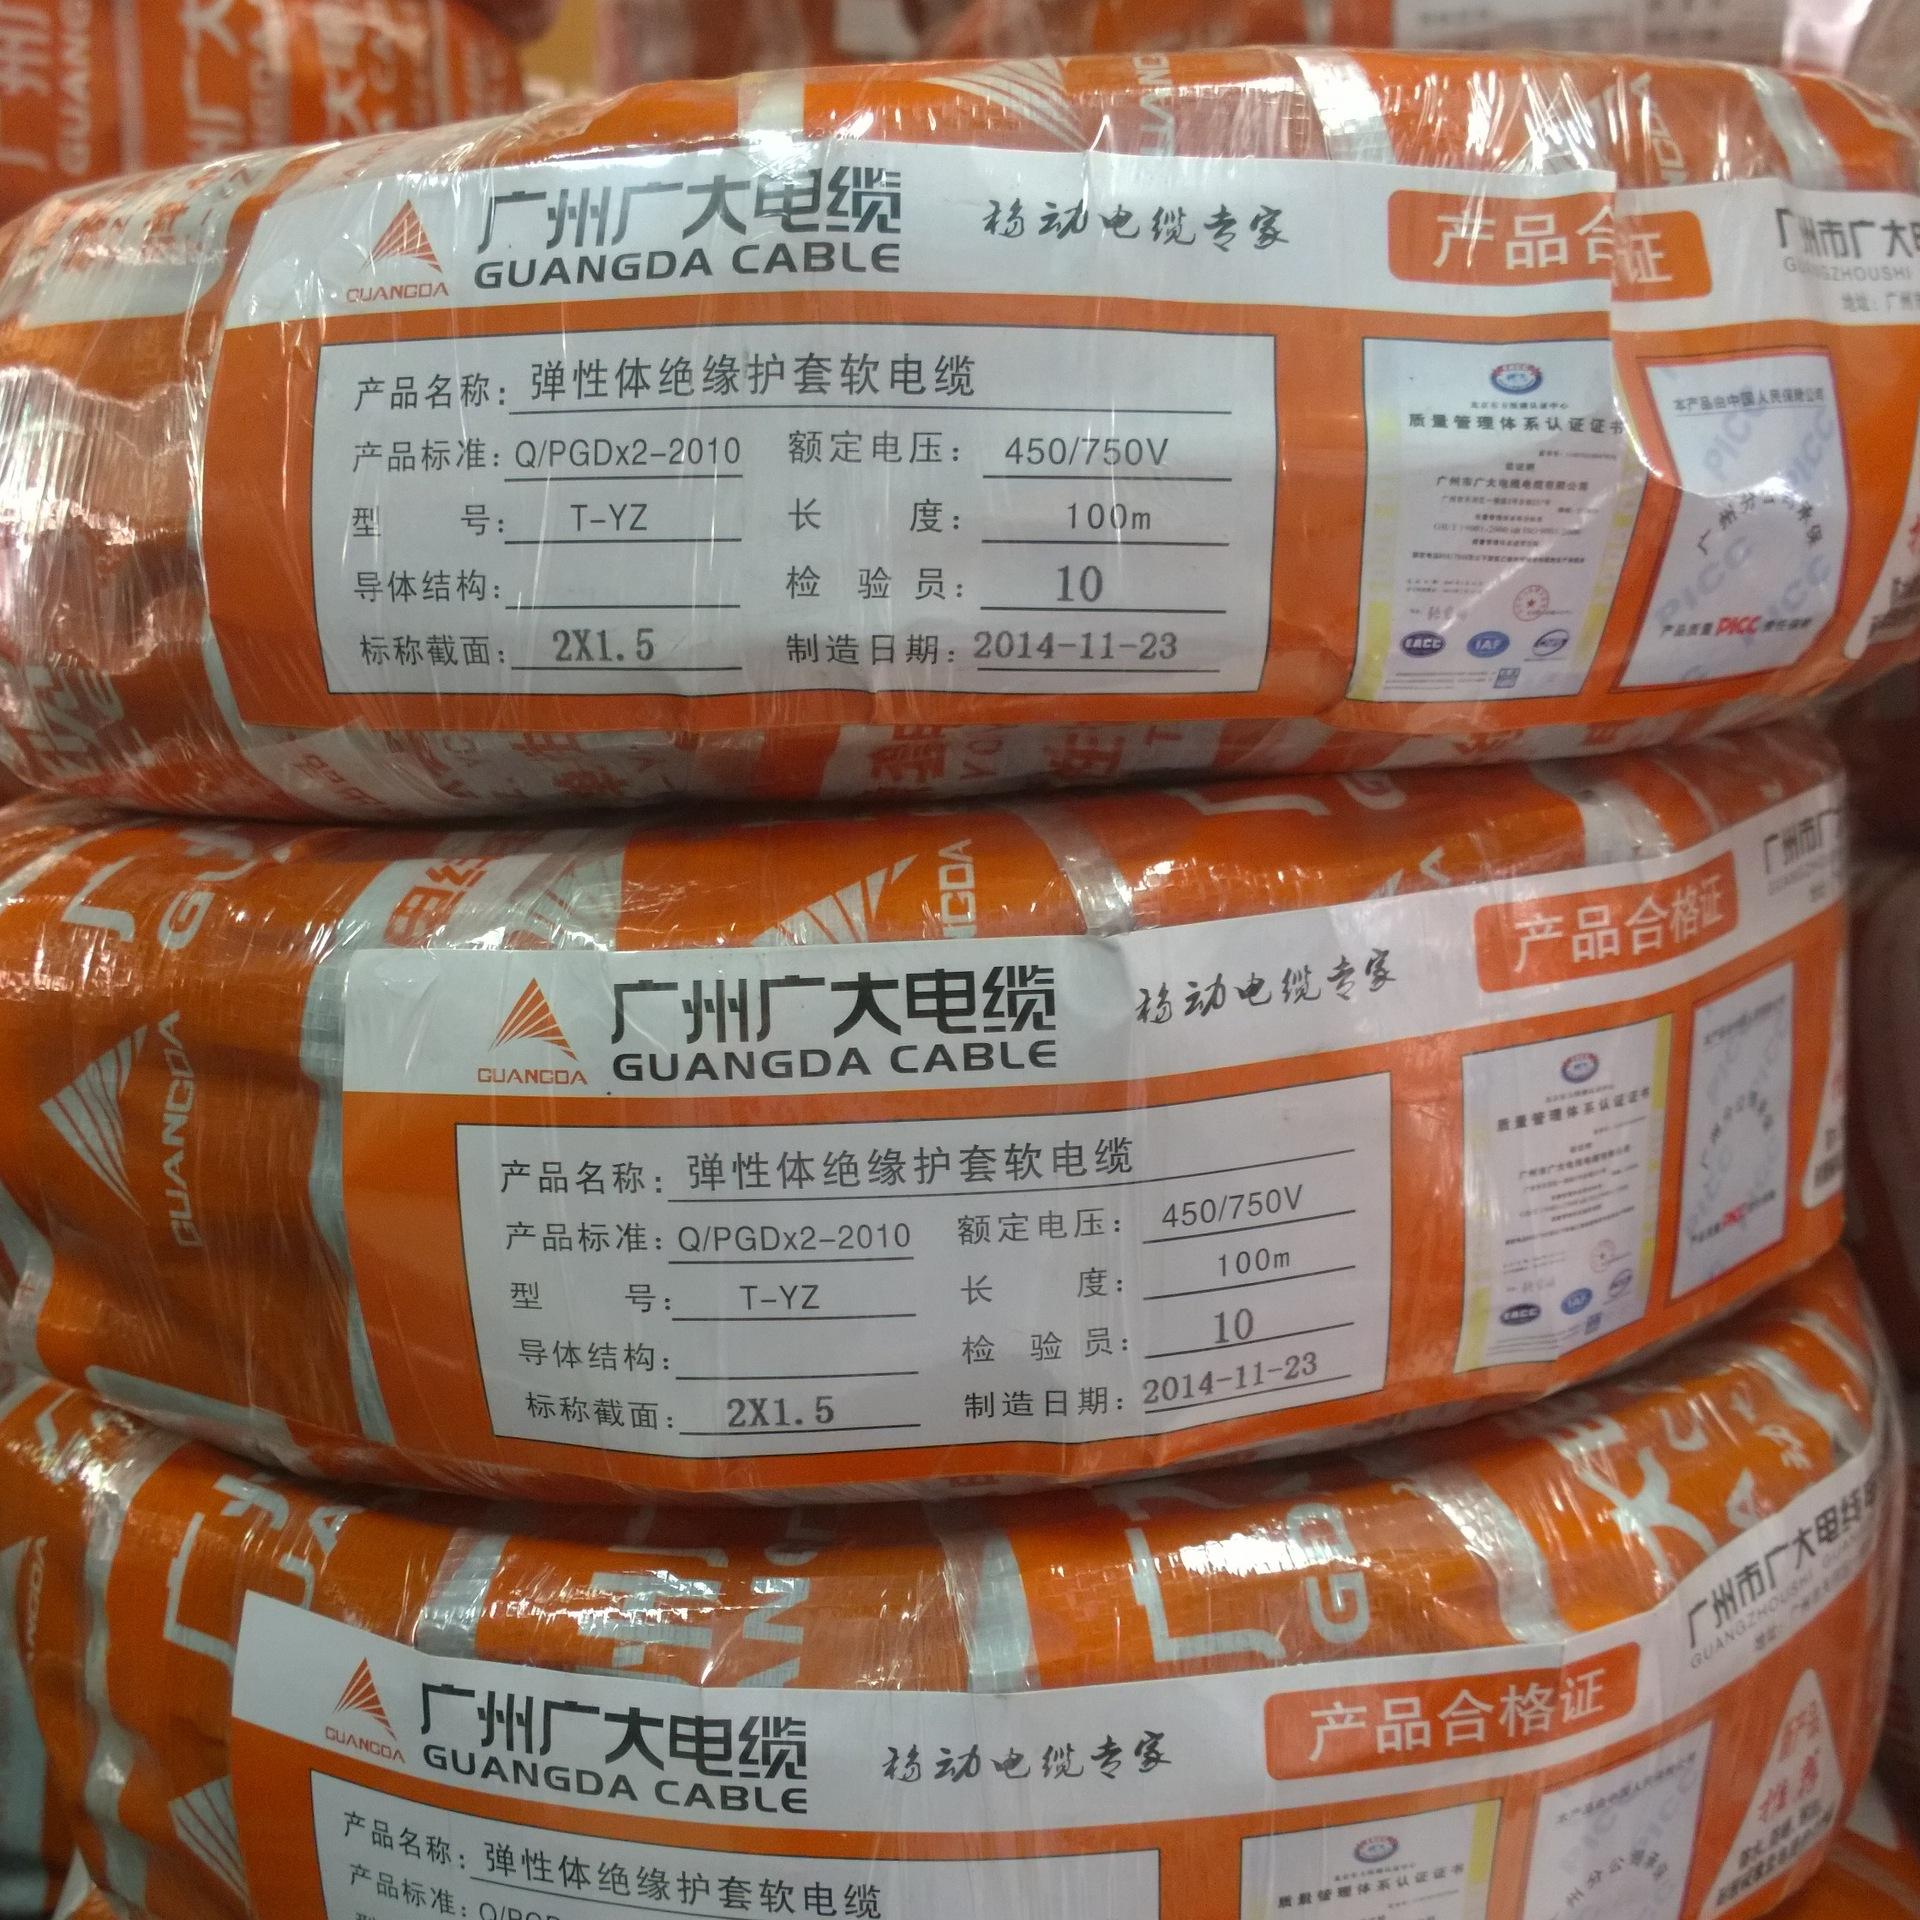 【厂家直销】防水柔性电缆 TYZ弹性橡胶2芯软电缆